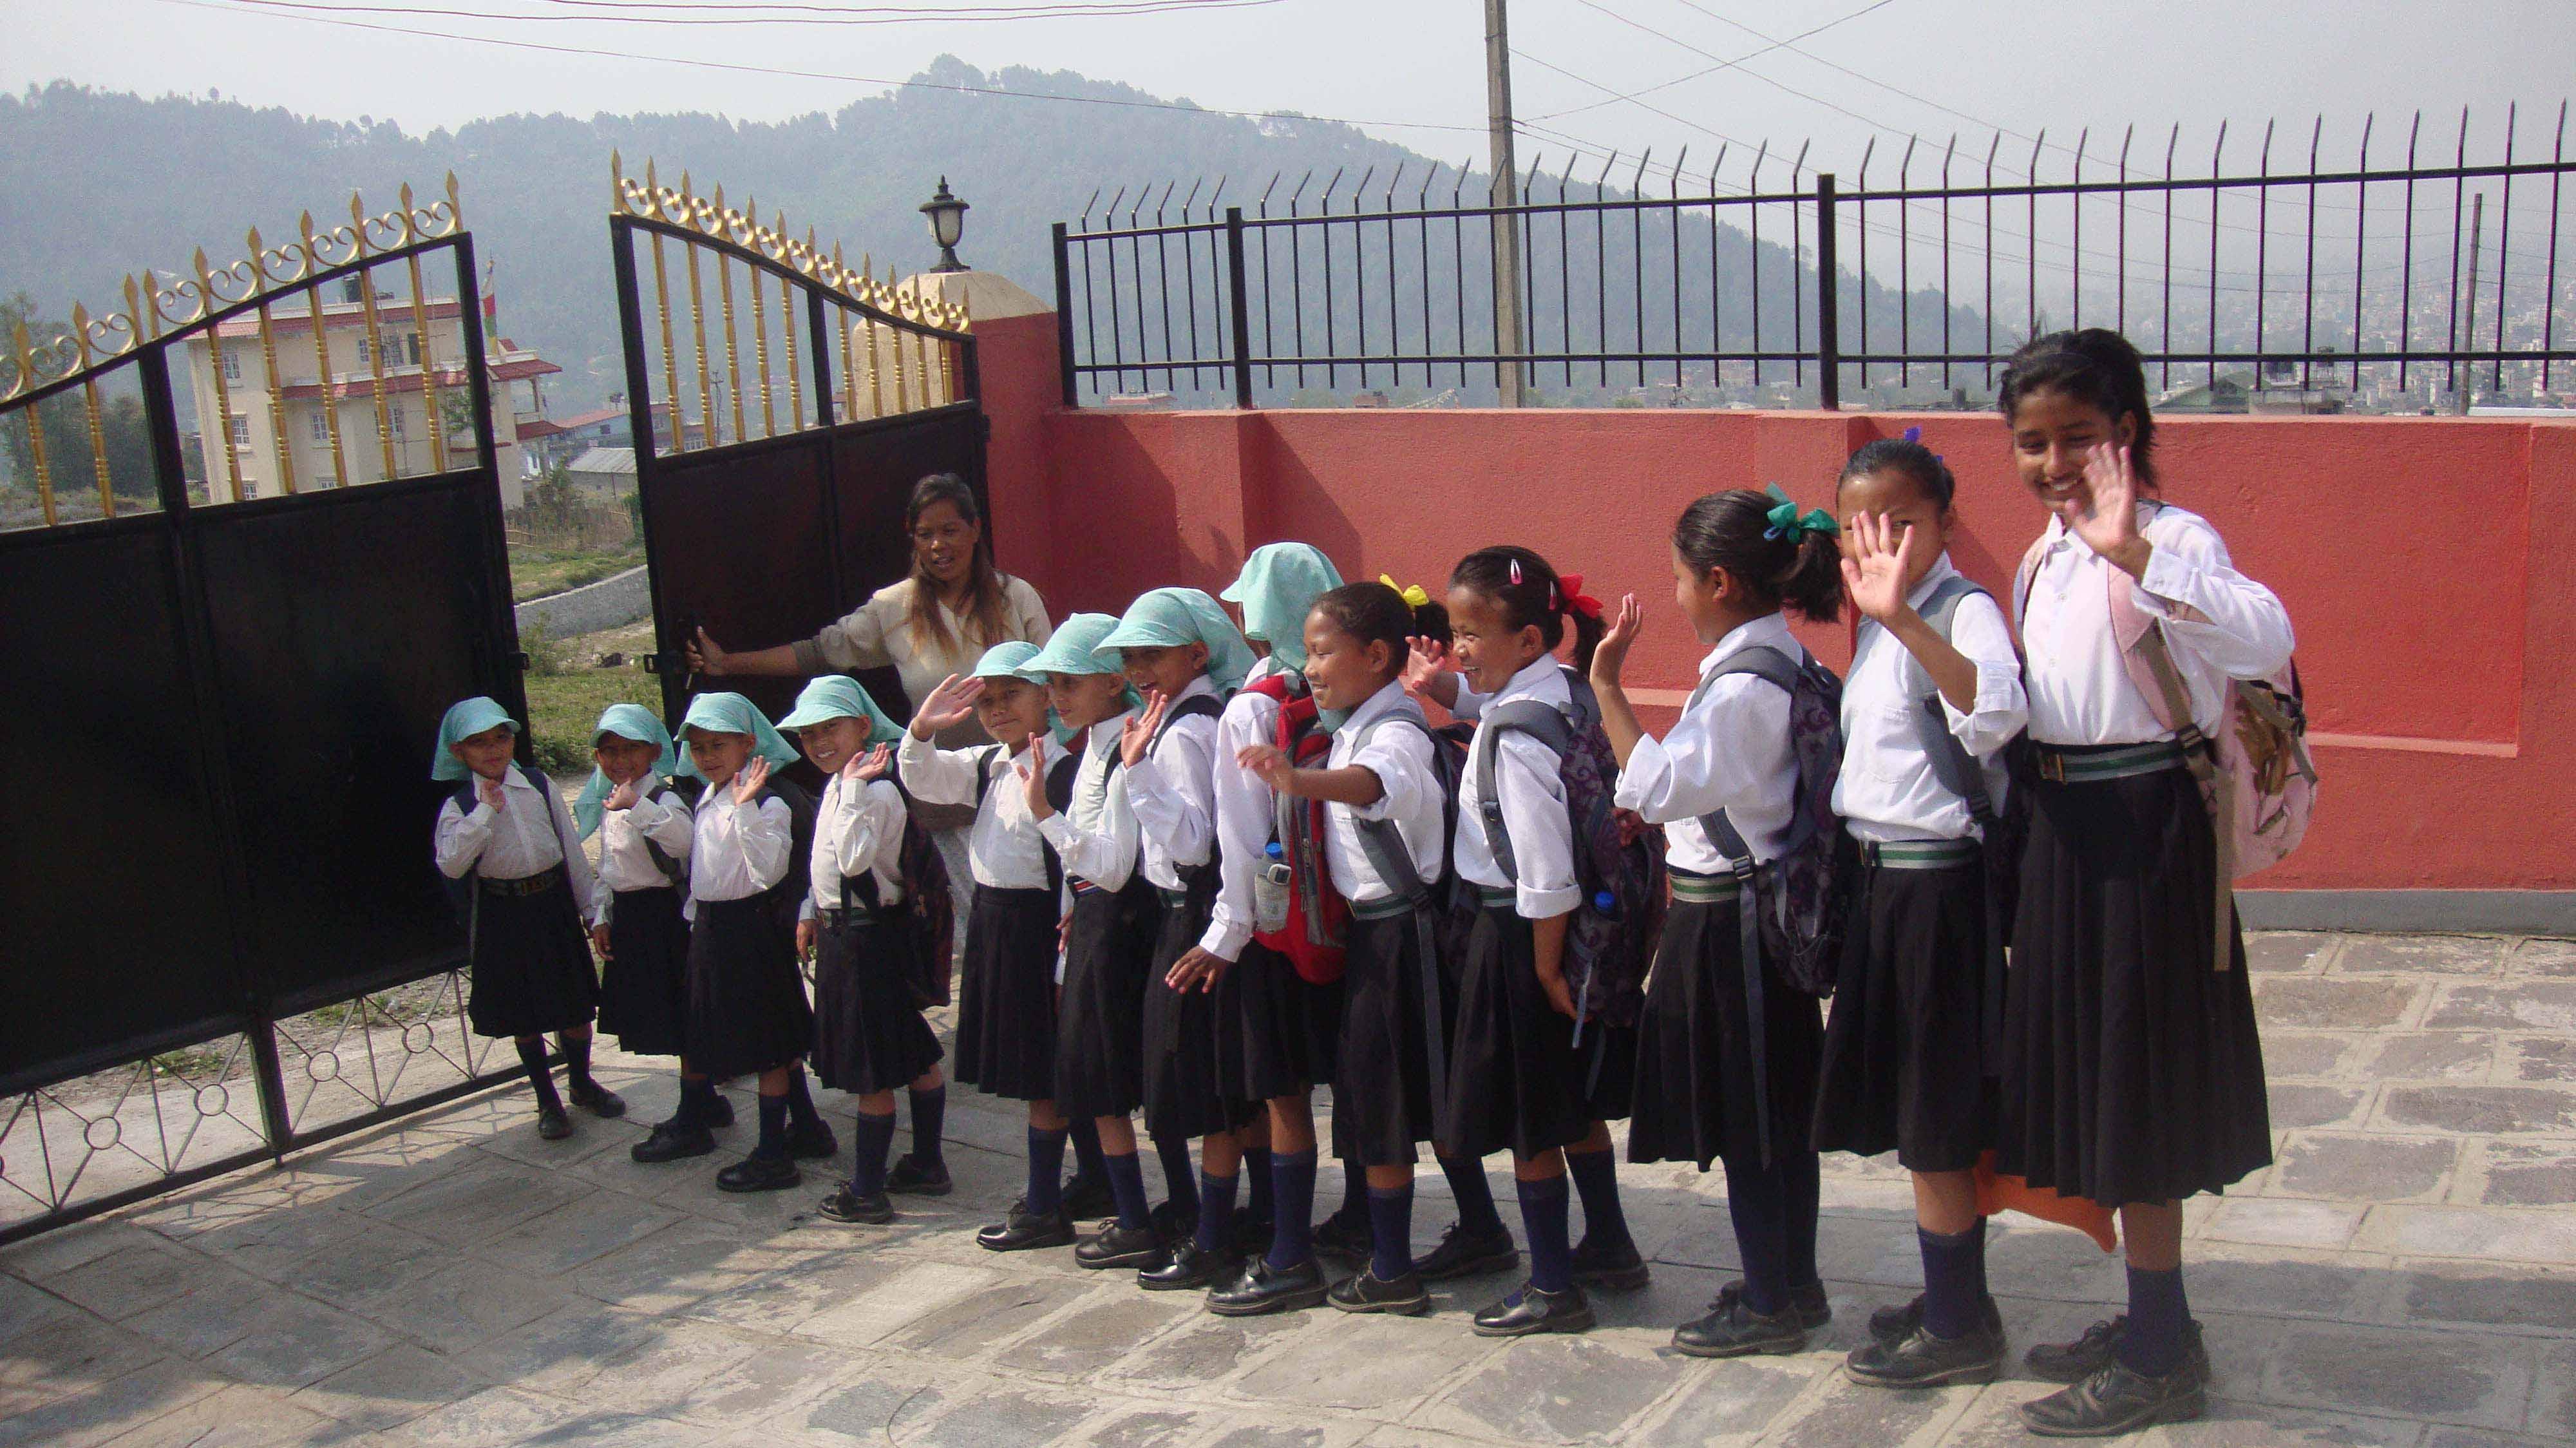 ¿Qué quieren ser las niñas de Katmandú en el futuro?